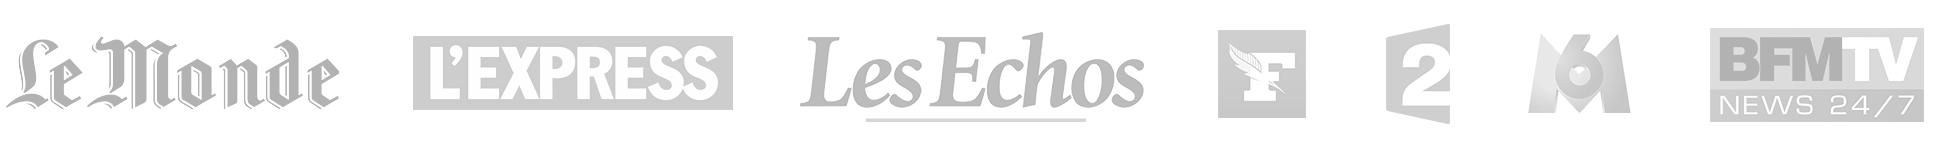 La presse parle de Cresus